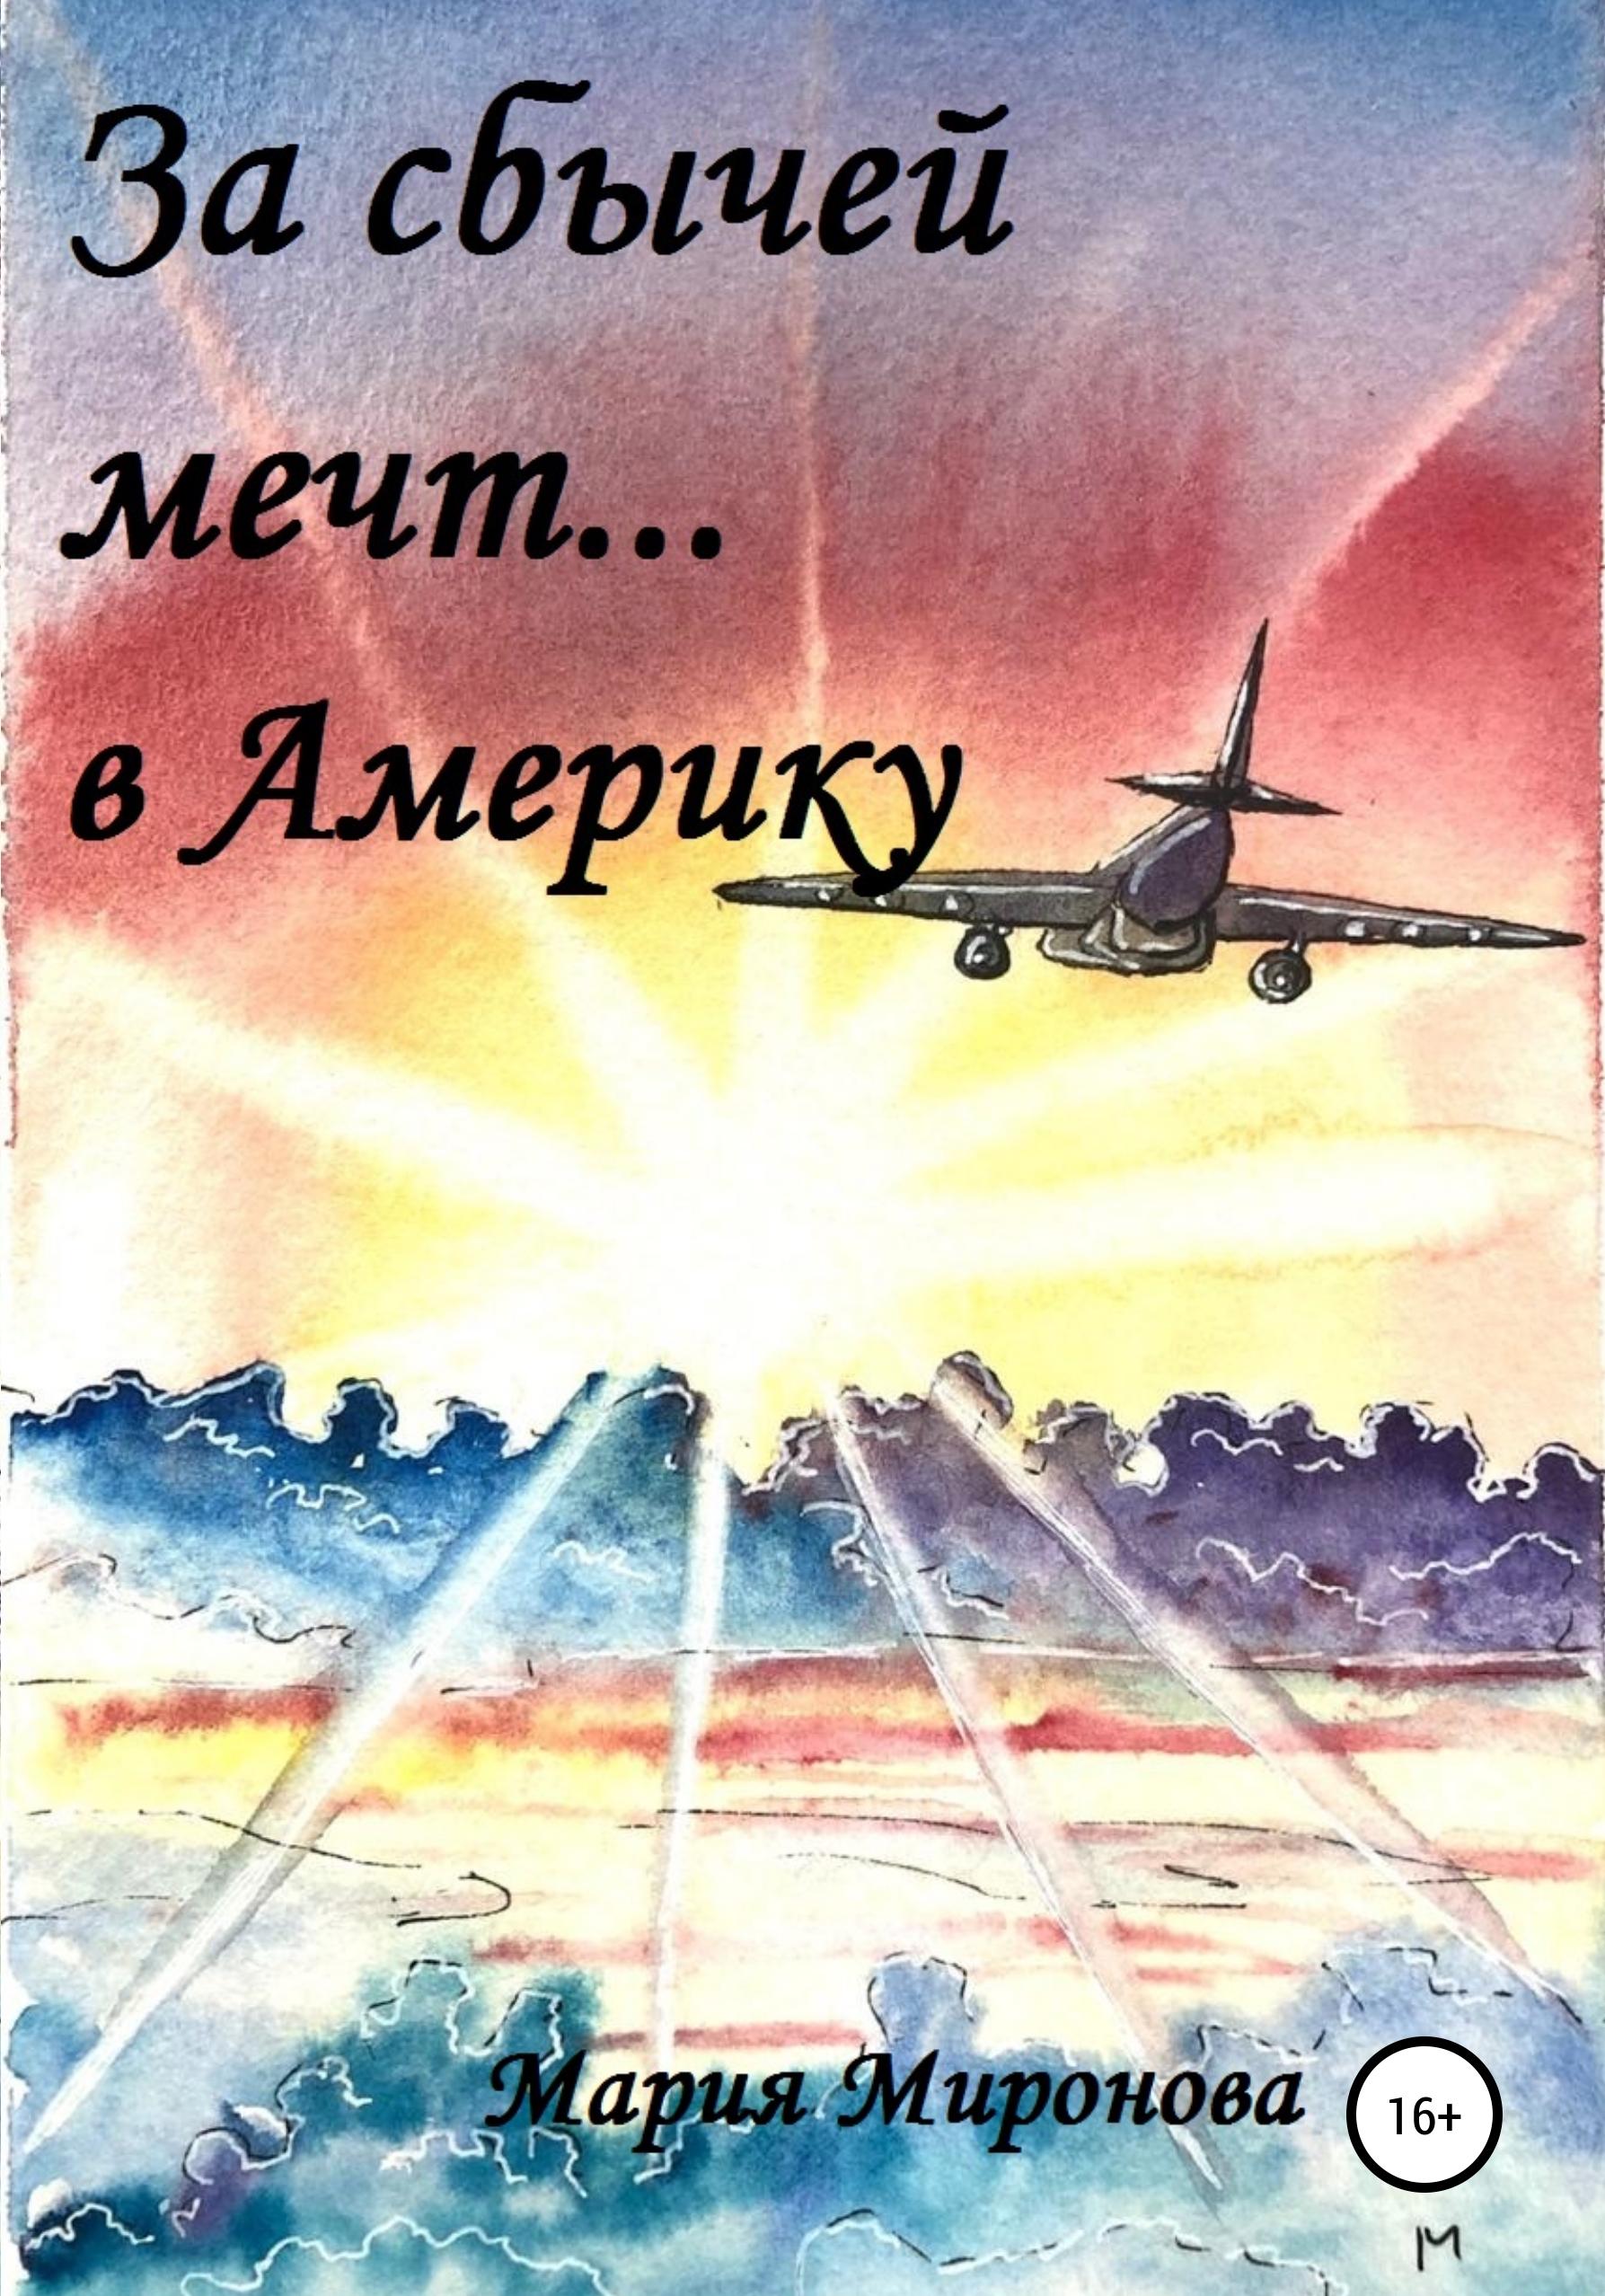 Купить книгу За сбычей мечт… в Америку, автора Марии Мироновой